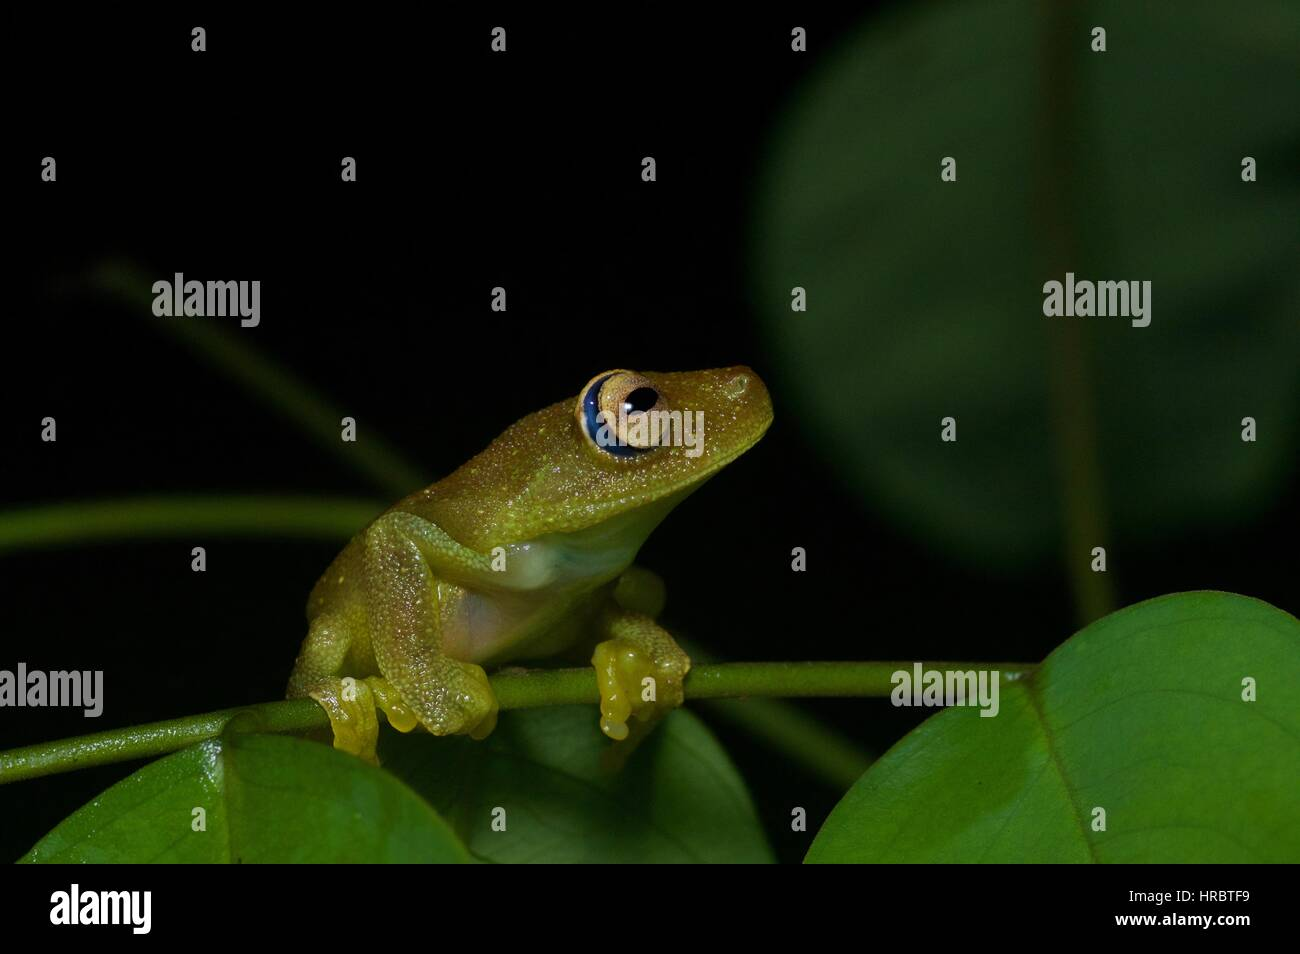 Ein Rough-enthäuteten grünen Laubfrosch (Hypsiboas Cinerascens) im Amazonas-Regenwald in Loreto, Peru Stockbild